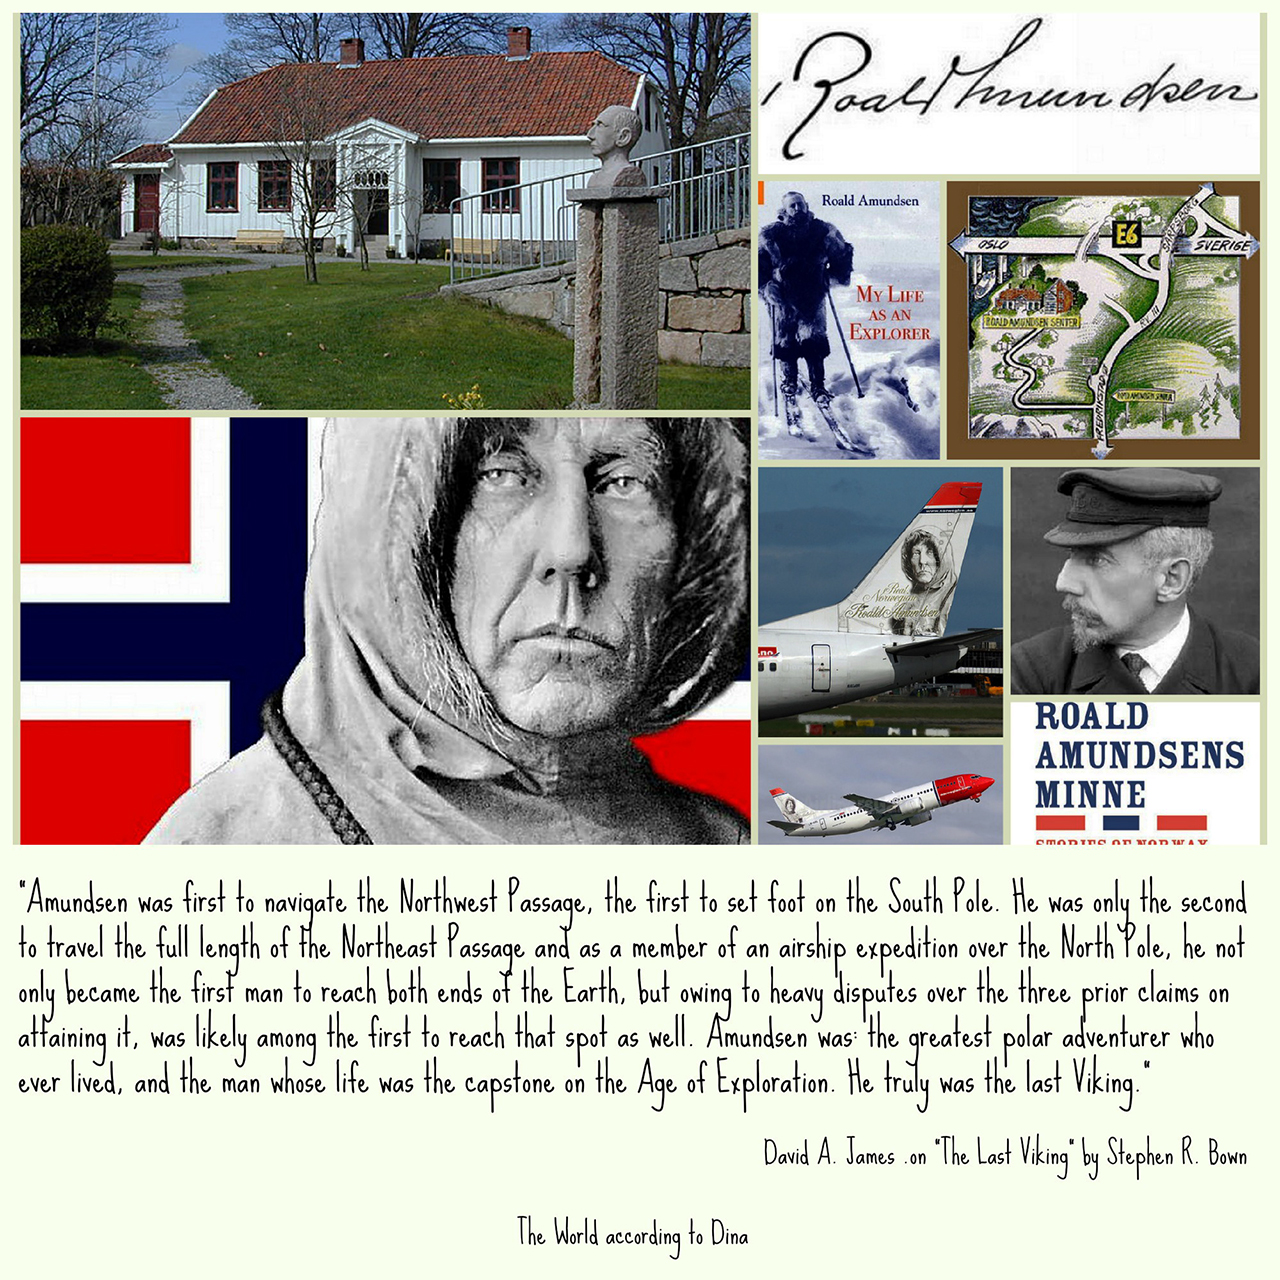 RAmundsen_viking